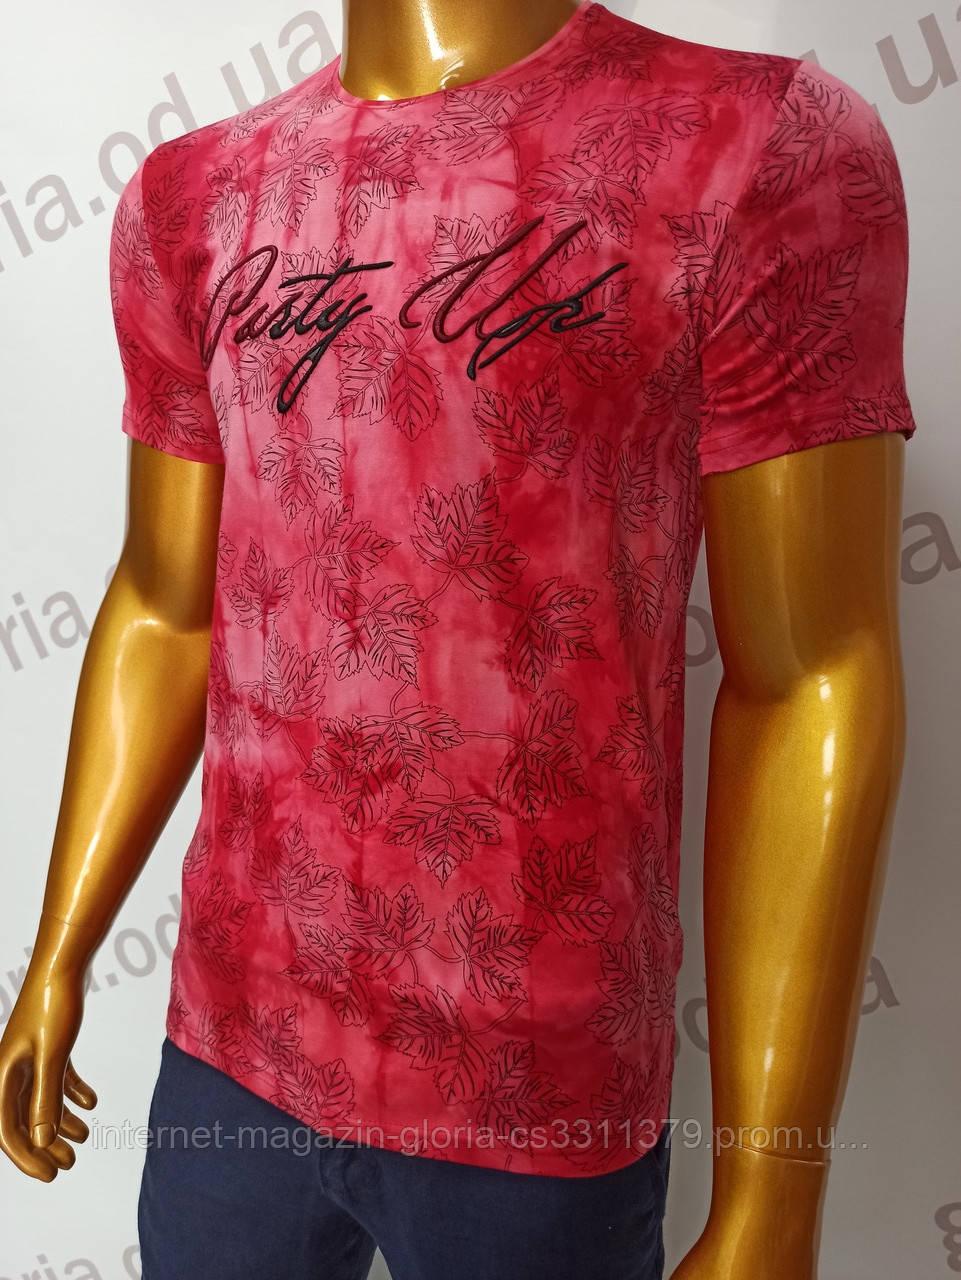 Мужская футболка MSY. 11230-8332(red). Размеры: M,L,XL,XXL.   Яркая молодёжная модель с модным принтом.